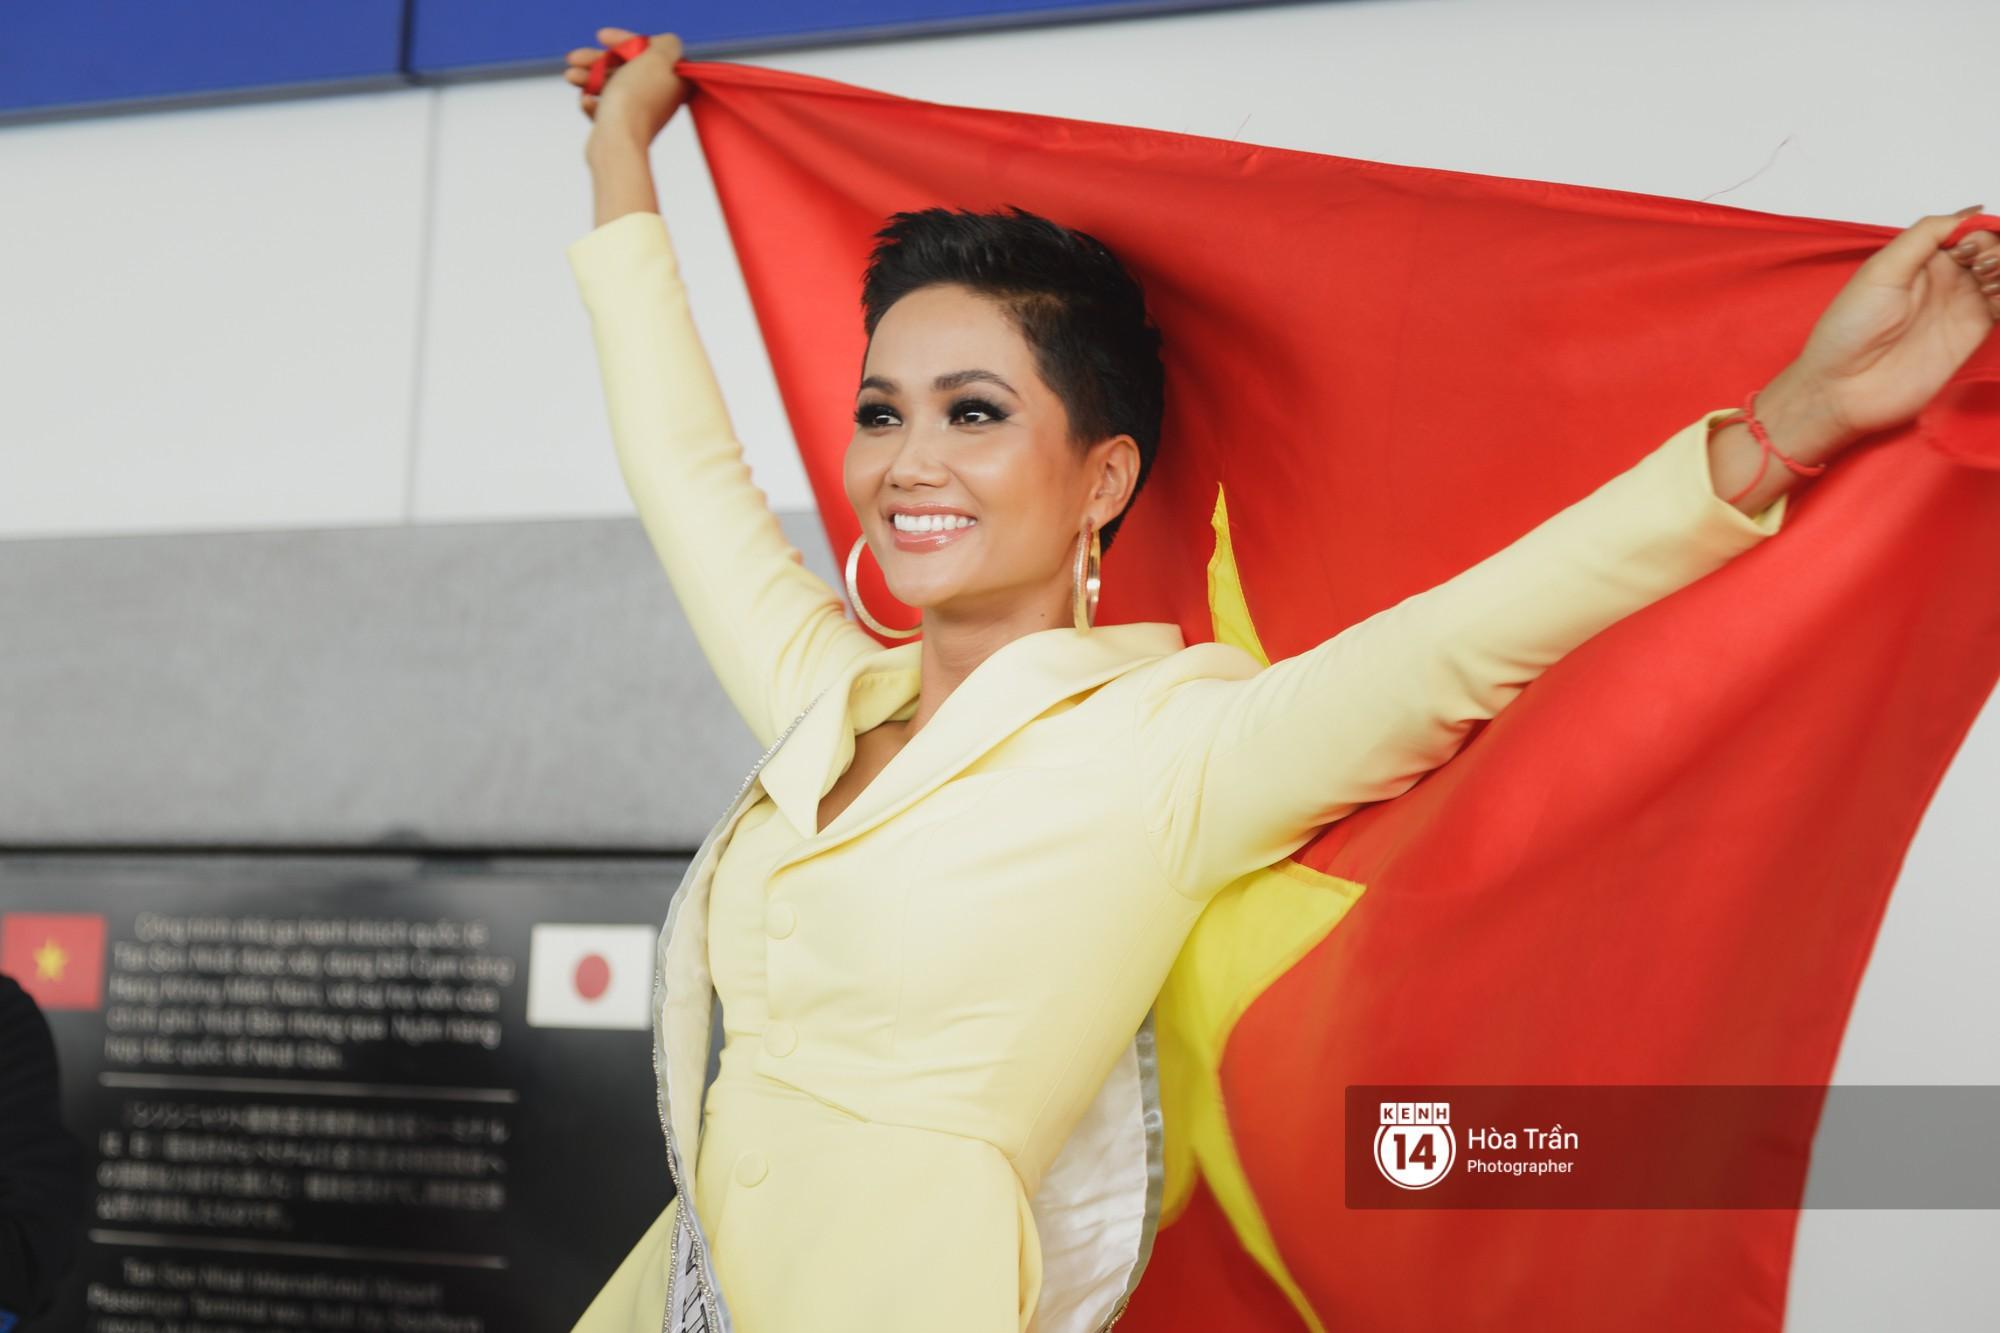 """Đại diện Việt Nam và những lần gặp tin đồn """"trời ơi đất hỡi"""" khi tham dự đấu trường sắc đẹp quốc tế - Ảnh 9."""